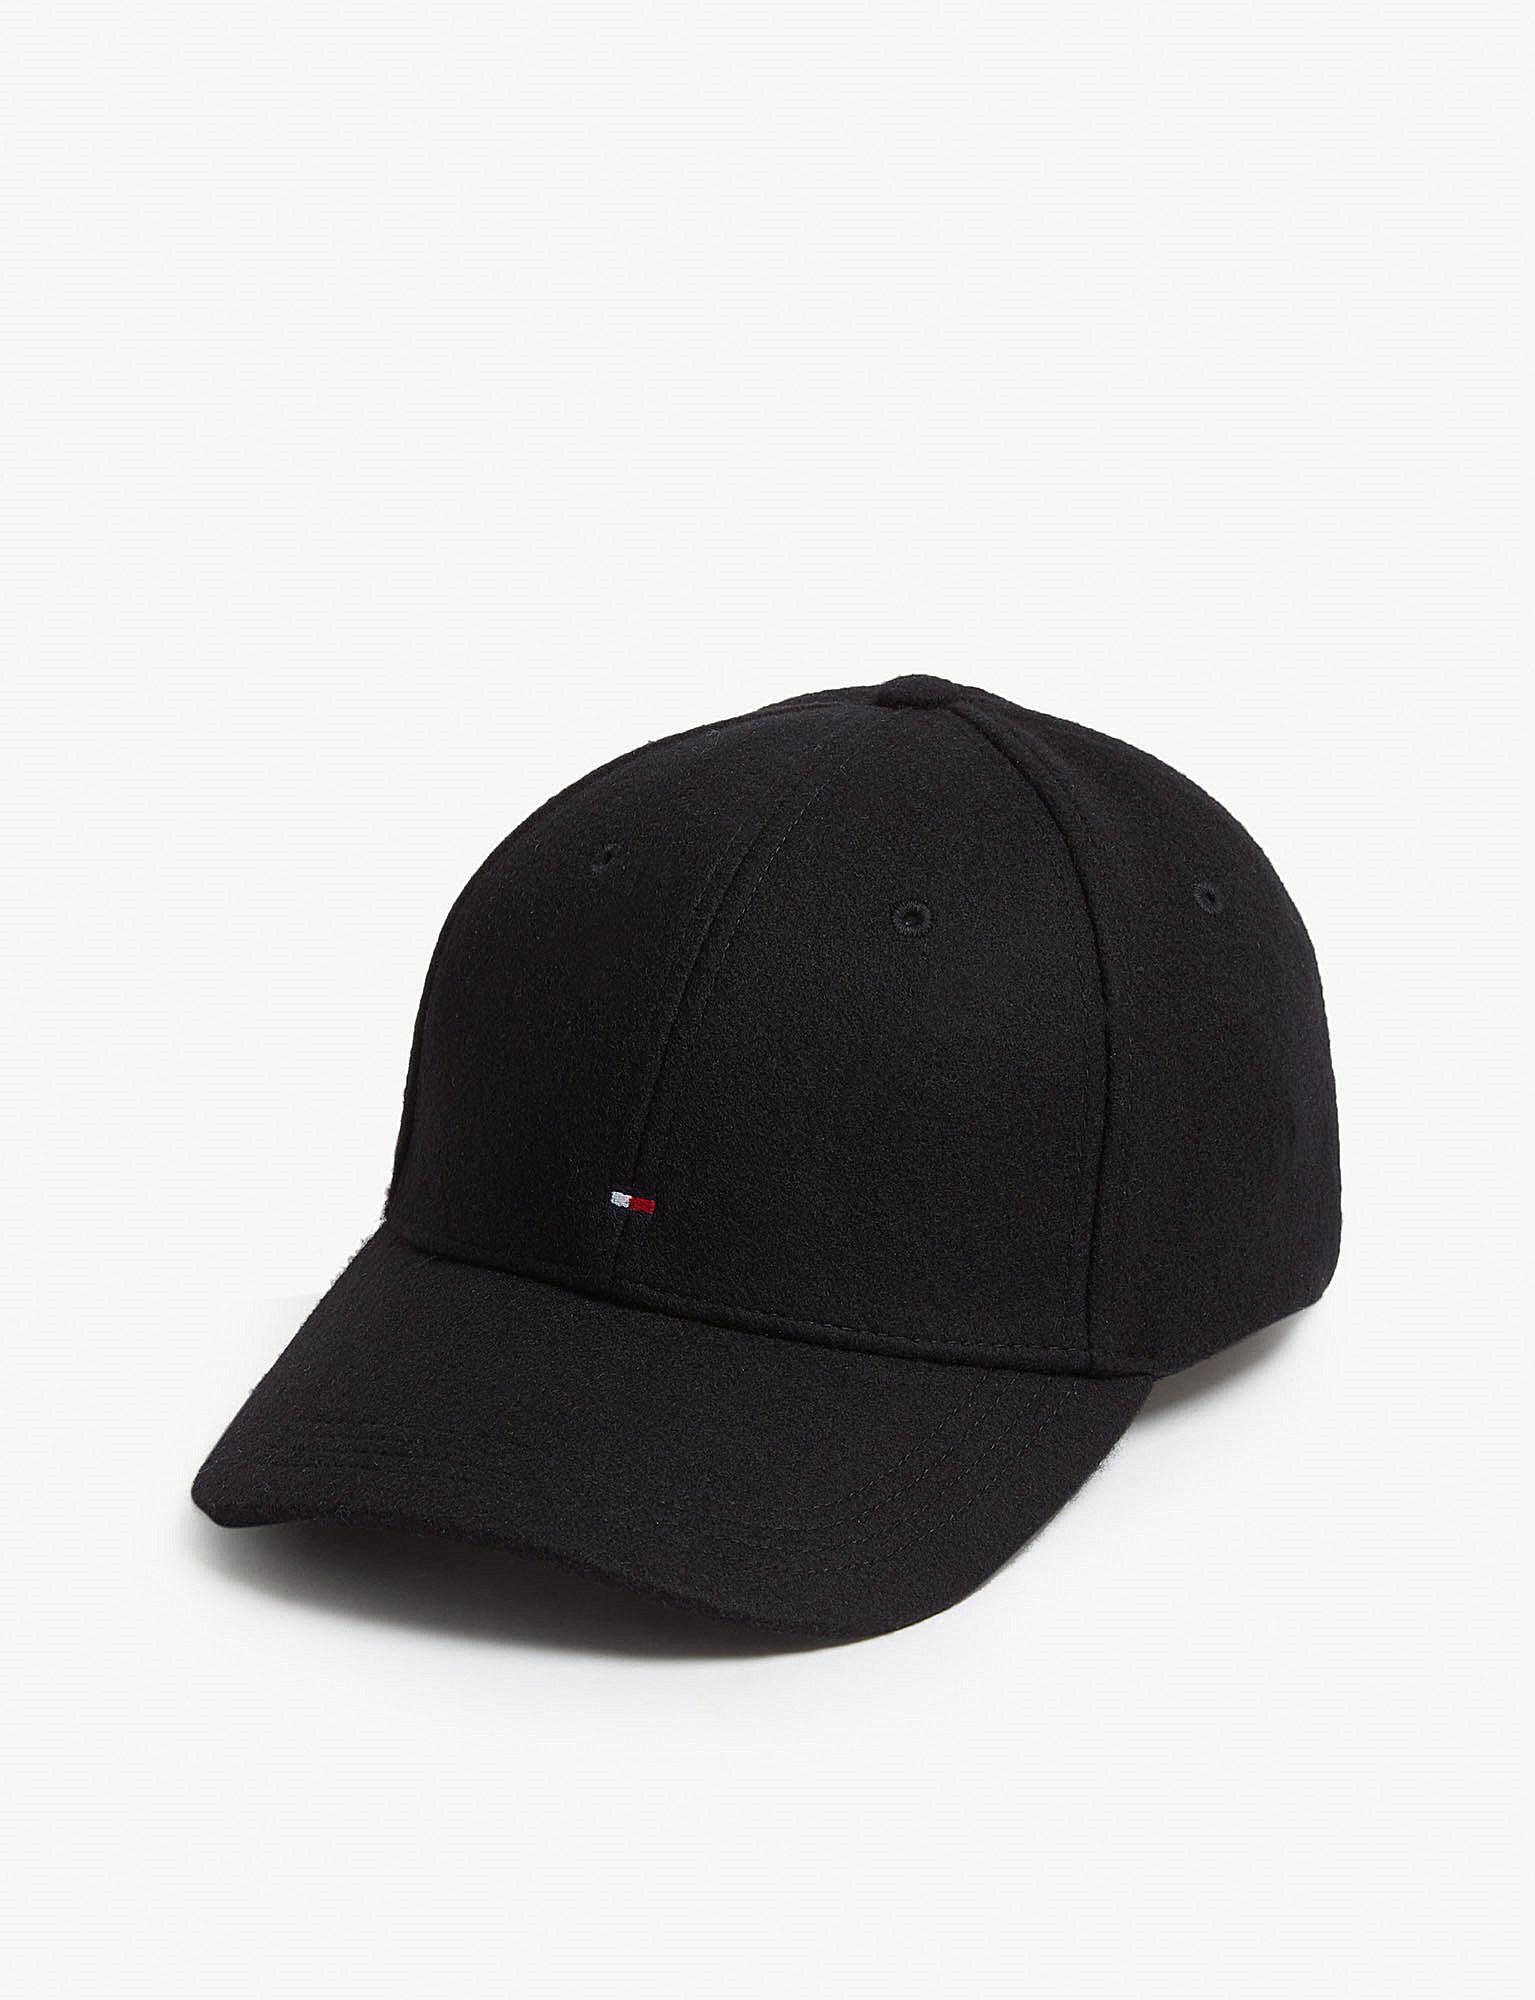 Lyst - Tommy Hilfiger Melton Wool Baseball Cap in Black for Men 25db6df3a9ae